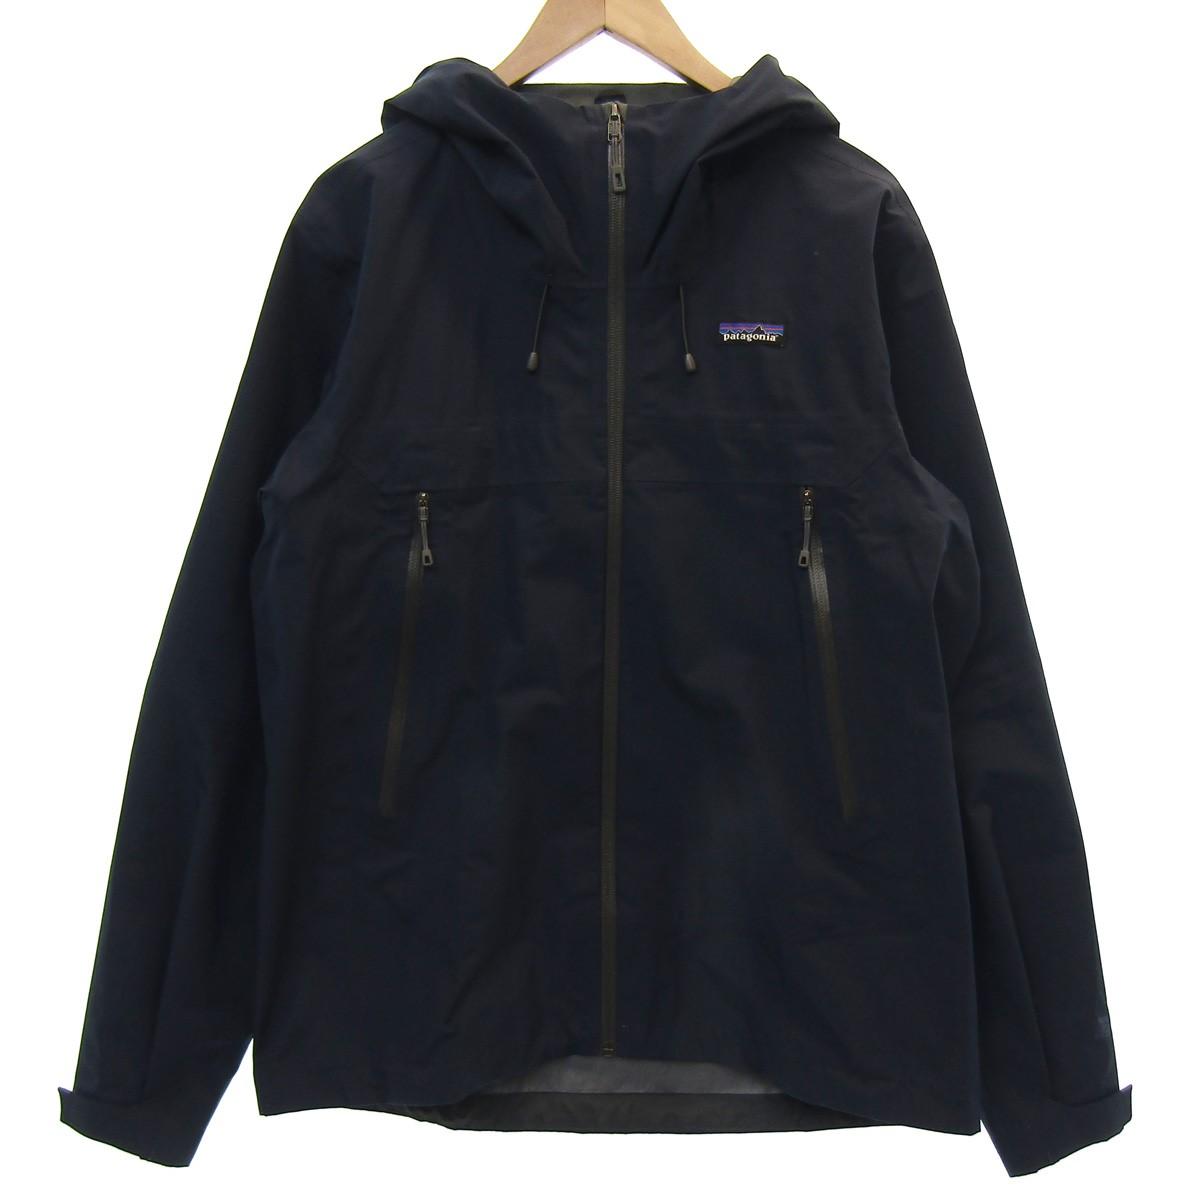 【中古】patagonia クラウドリッジジャケット ネイビー サイズ:M 【230120】(パタゴニア)